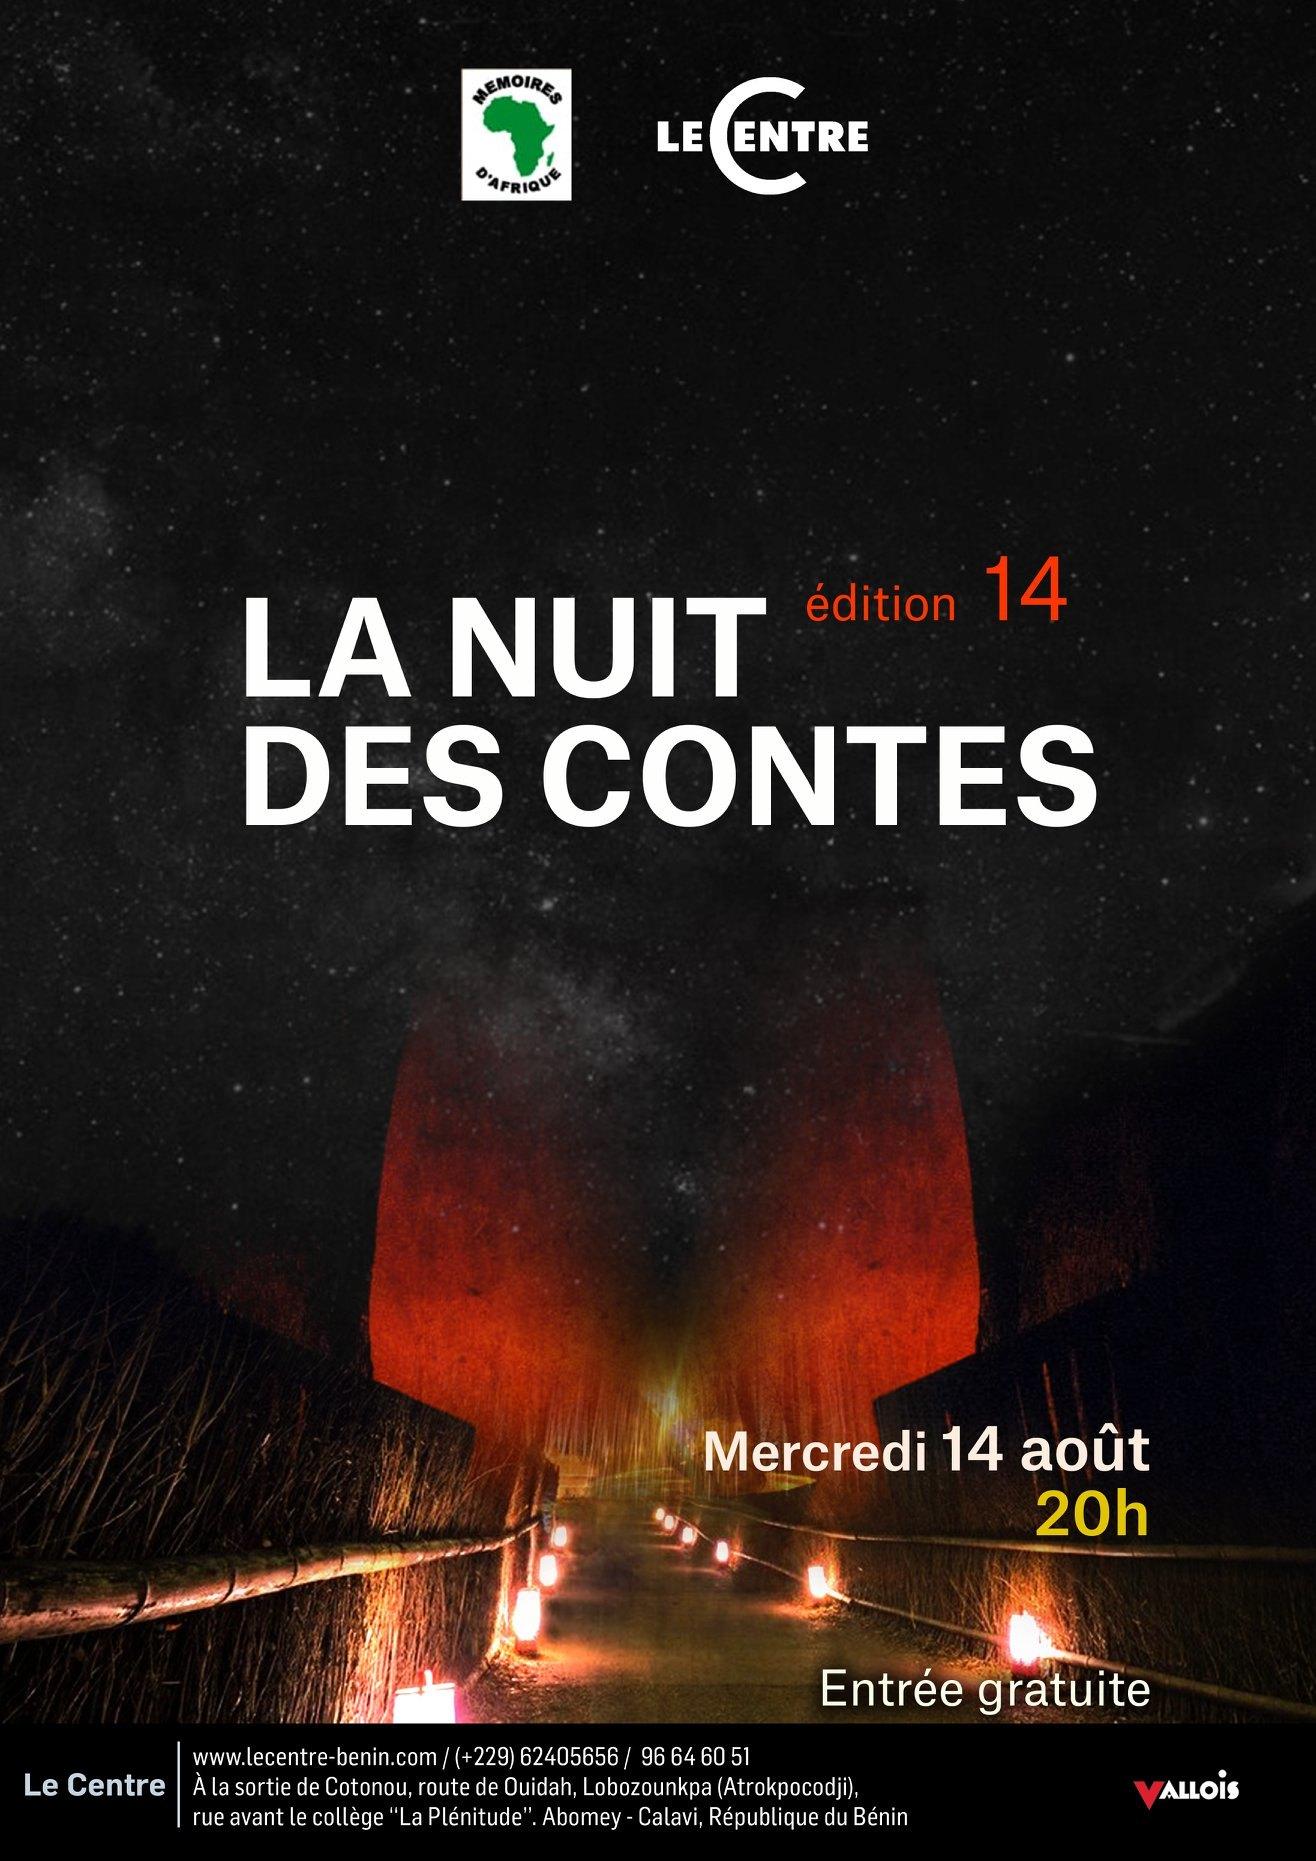 Evènement, La nuit des contes